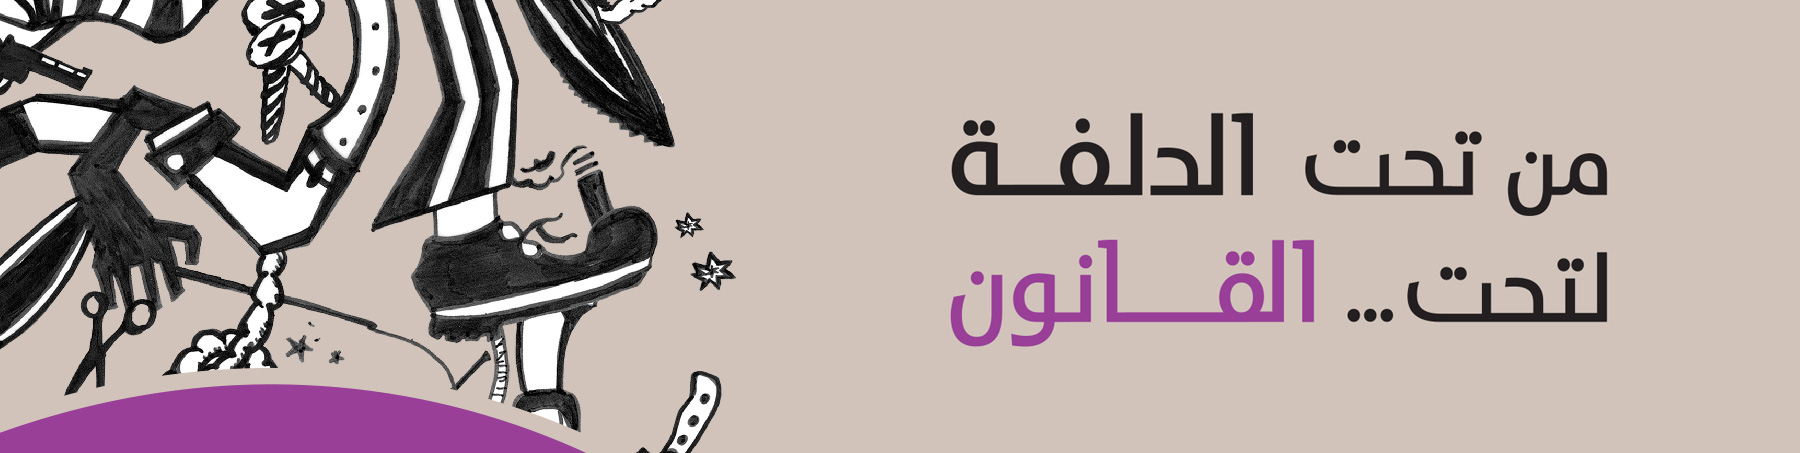 KAFA - banner design